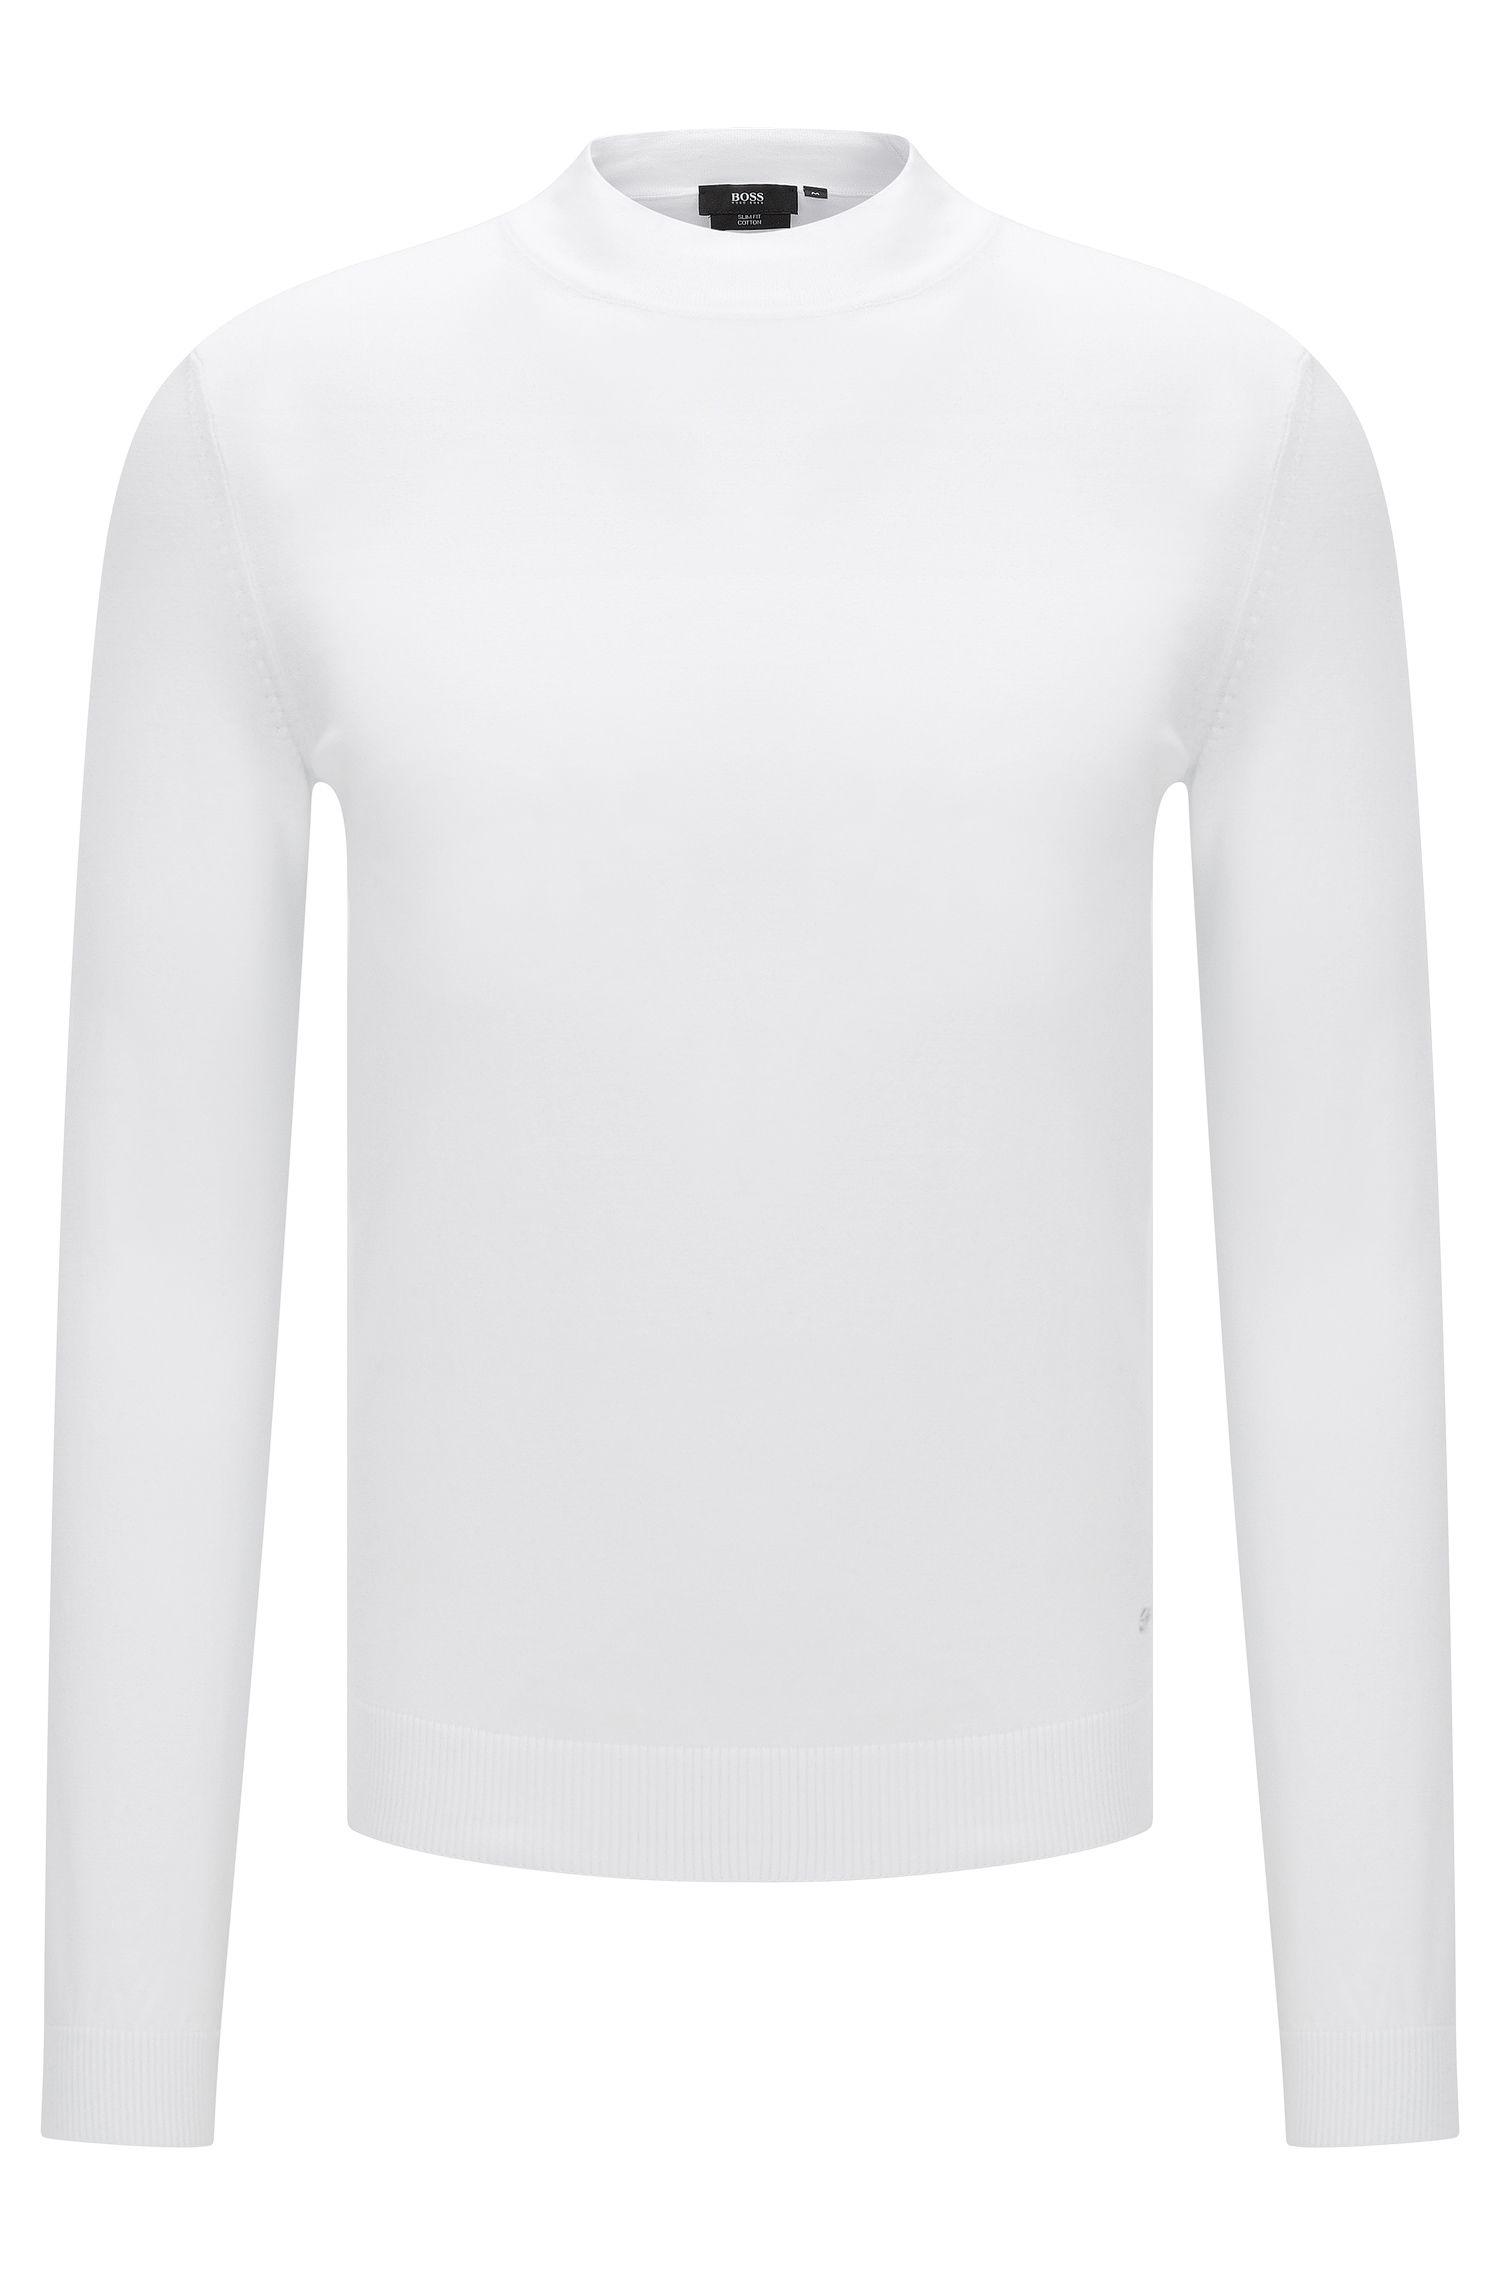 Slim-fit trui van katoen met opstaande kraag: 'Olfrino'